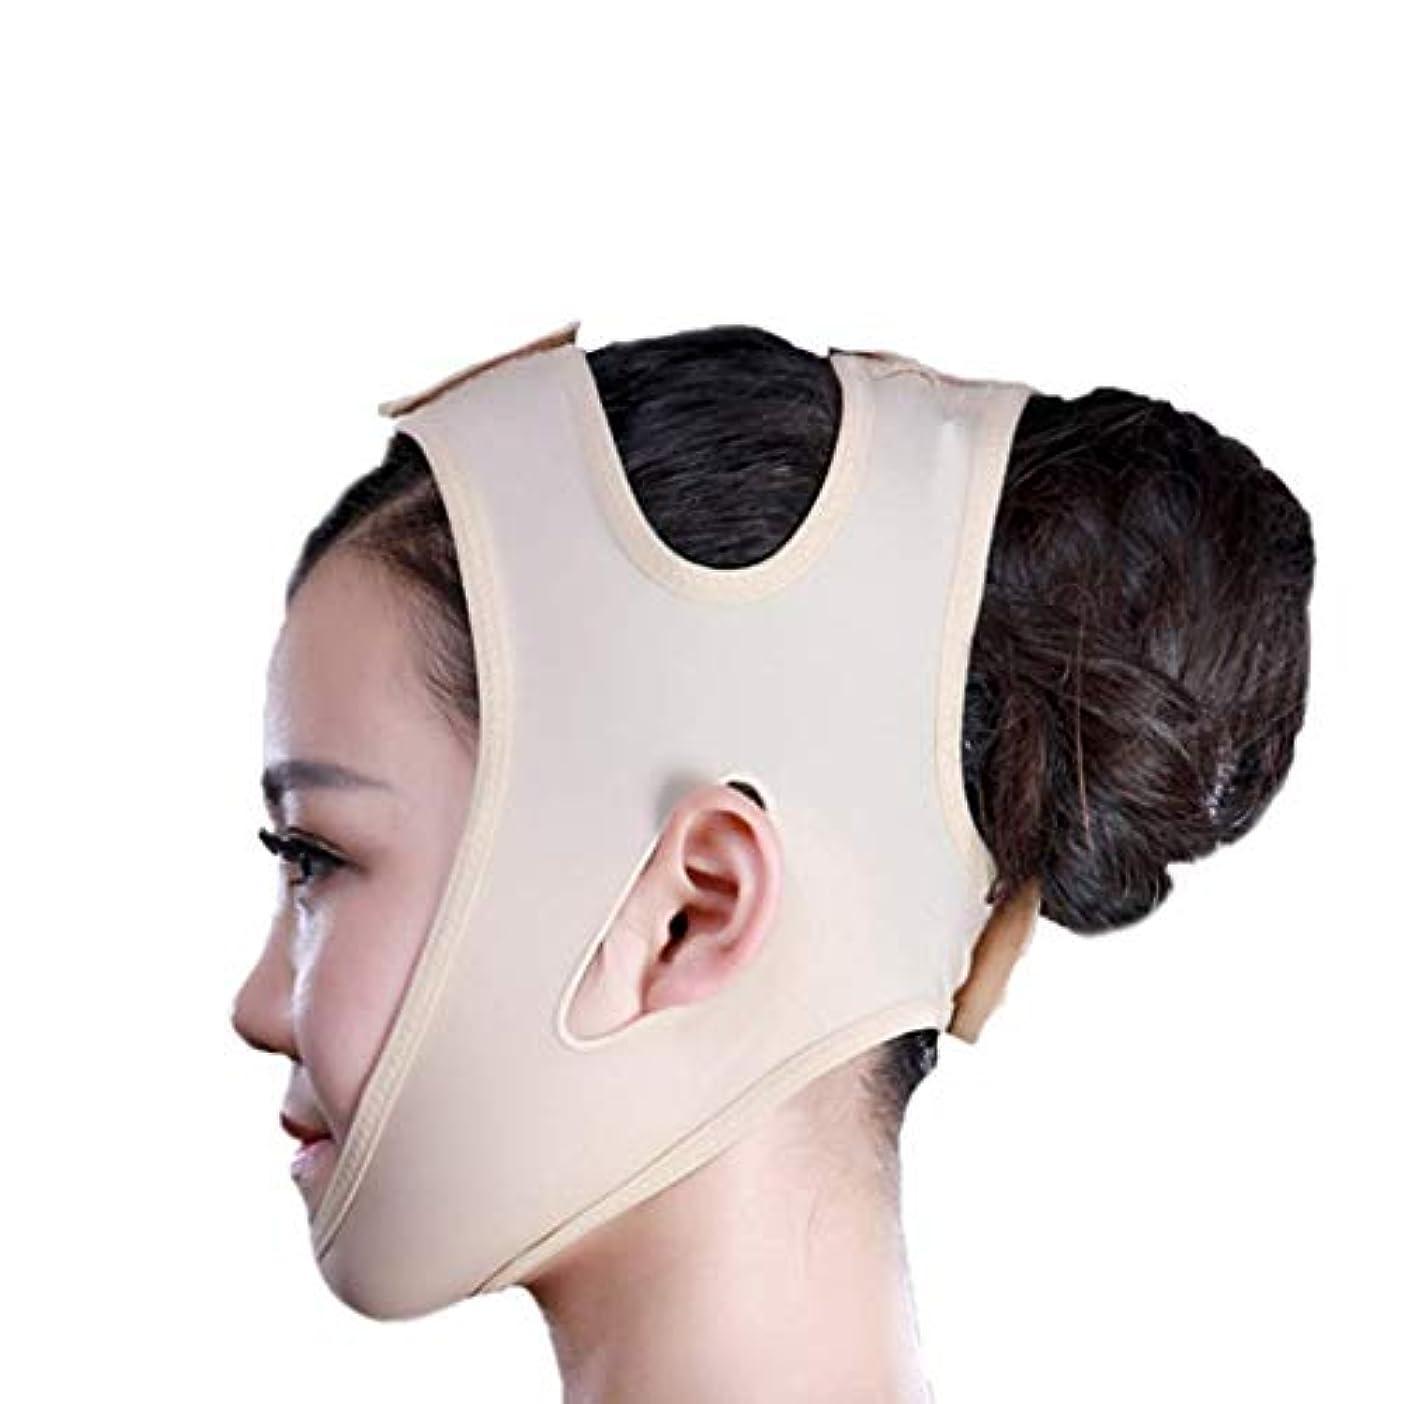 腐敗特派員可塑性フェイススリミングマスク、快適さと通気性、フェイシャルリフティング、輪郭の改善された硬さ、ファーミングとリフティングフェイス(カラー:ブラック、サイズ:XL),黄色がかったピンク、M